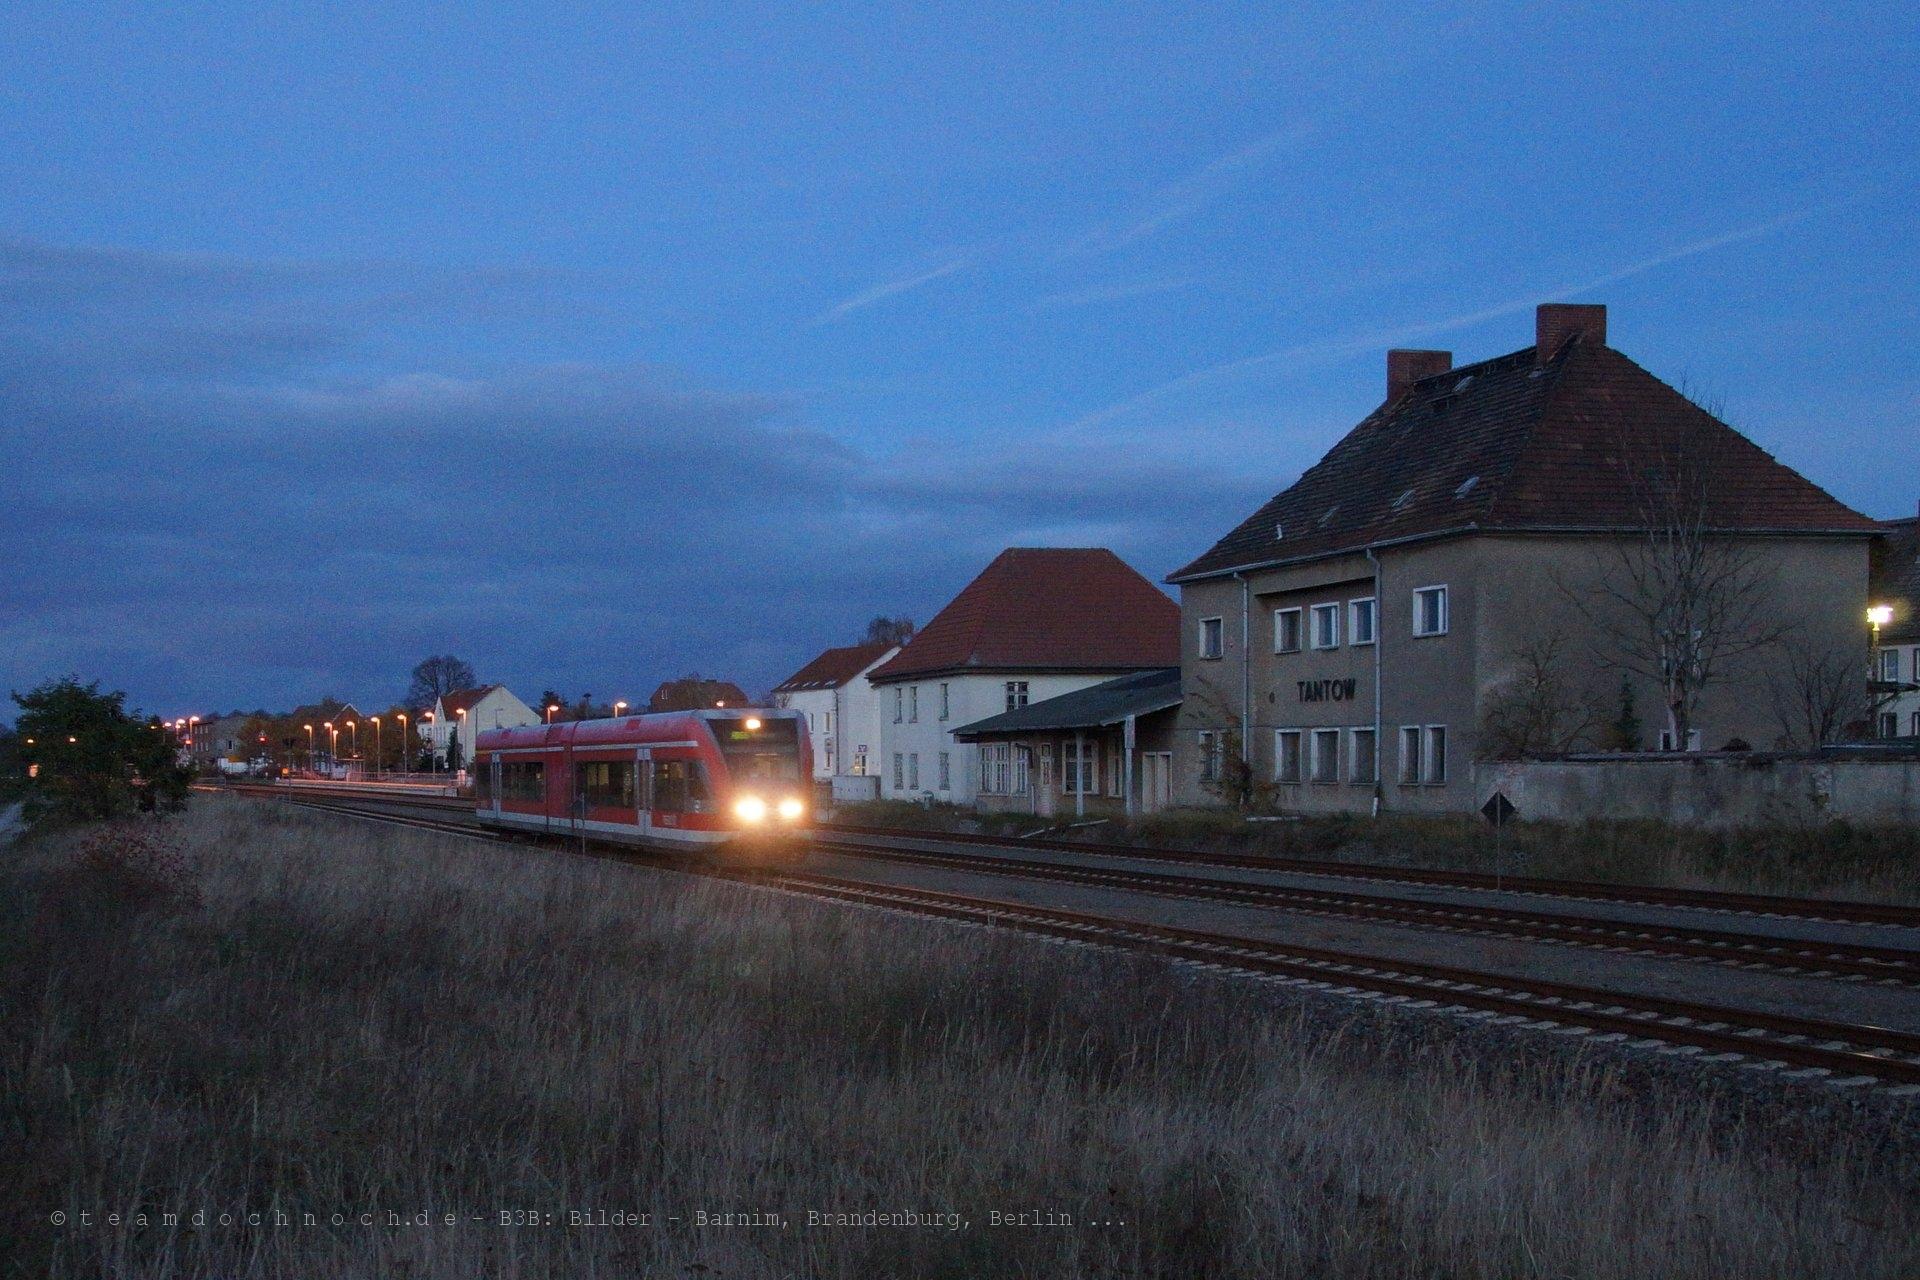 GTW 2/6 der DB im Bahnhof Tantow, unterwegs Richtung Angermünde